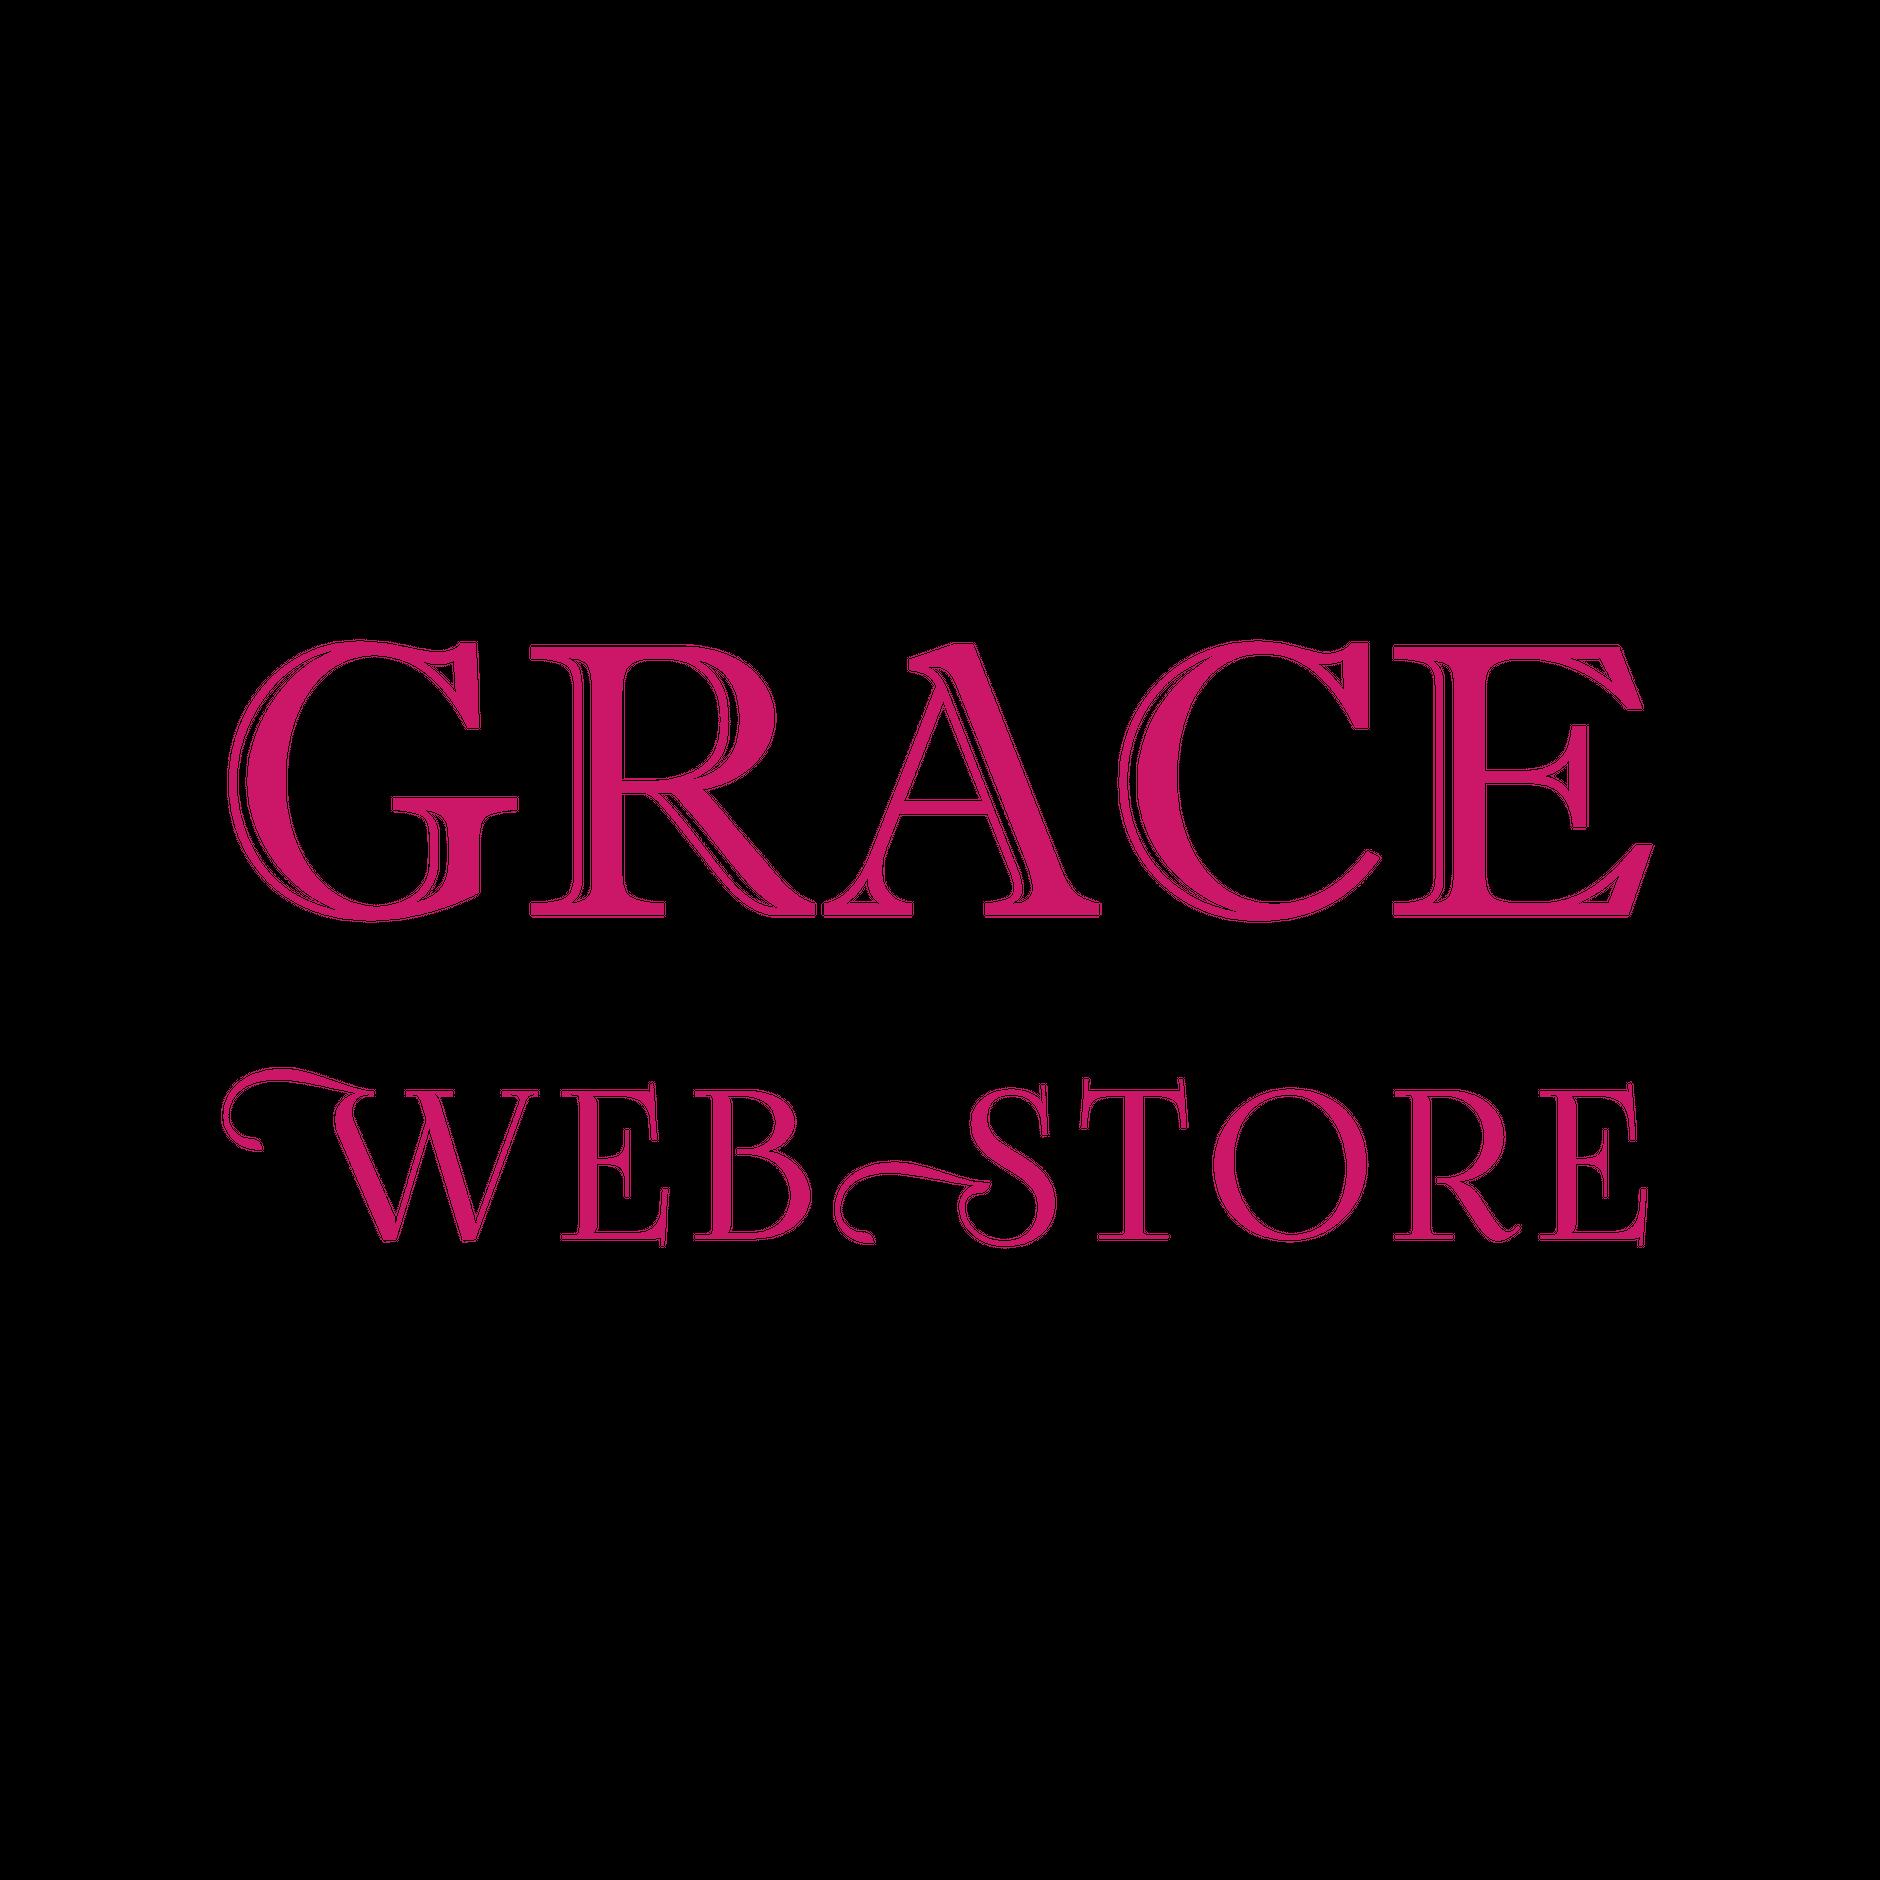 GRACE WEB STORE